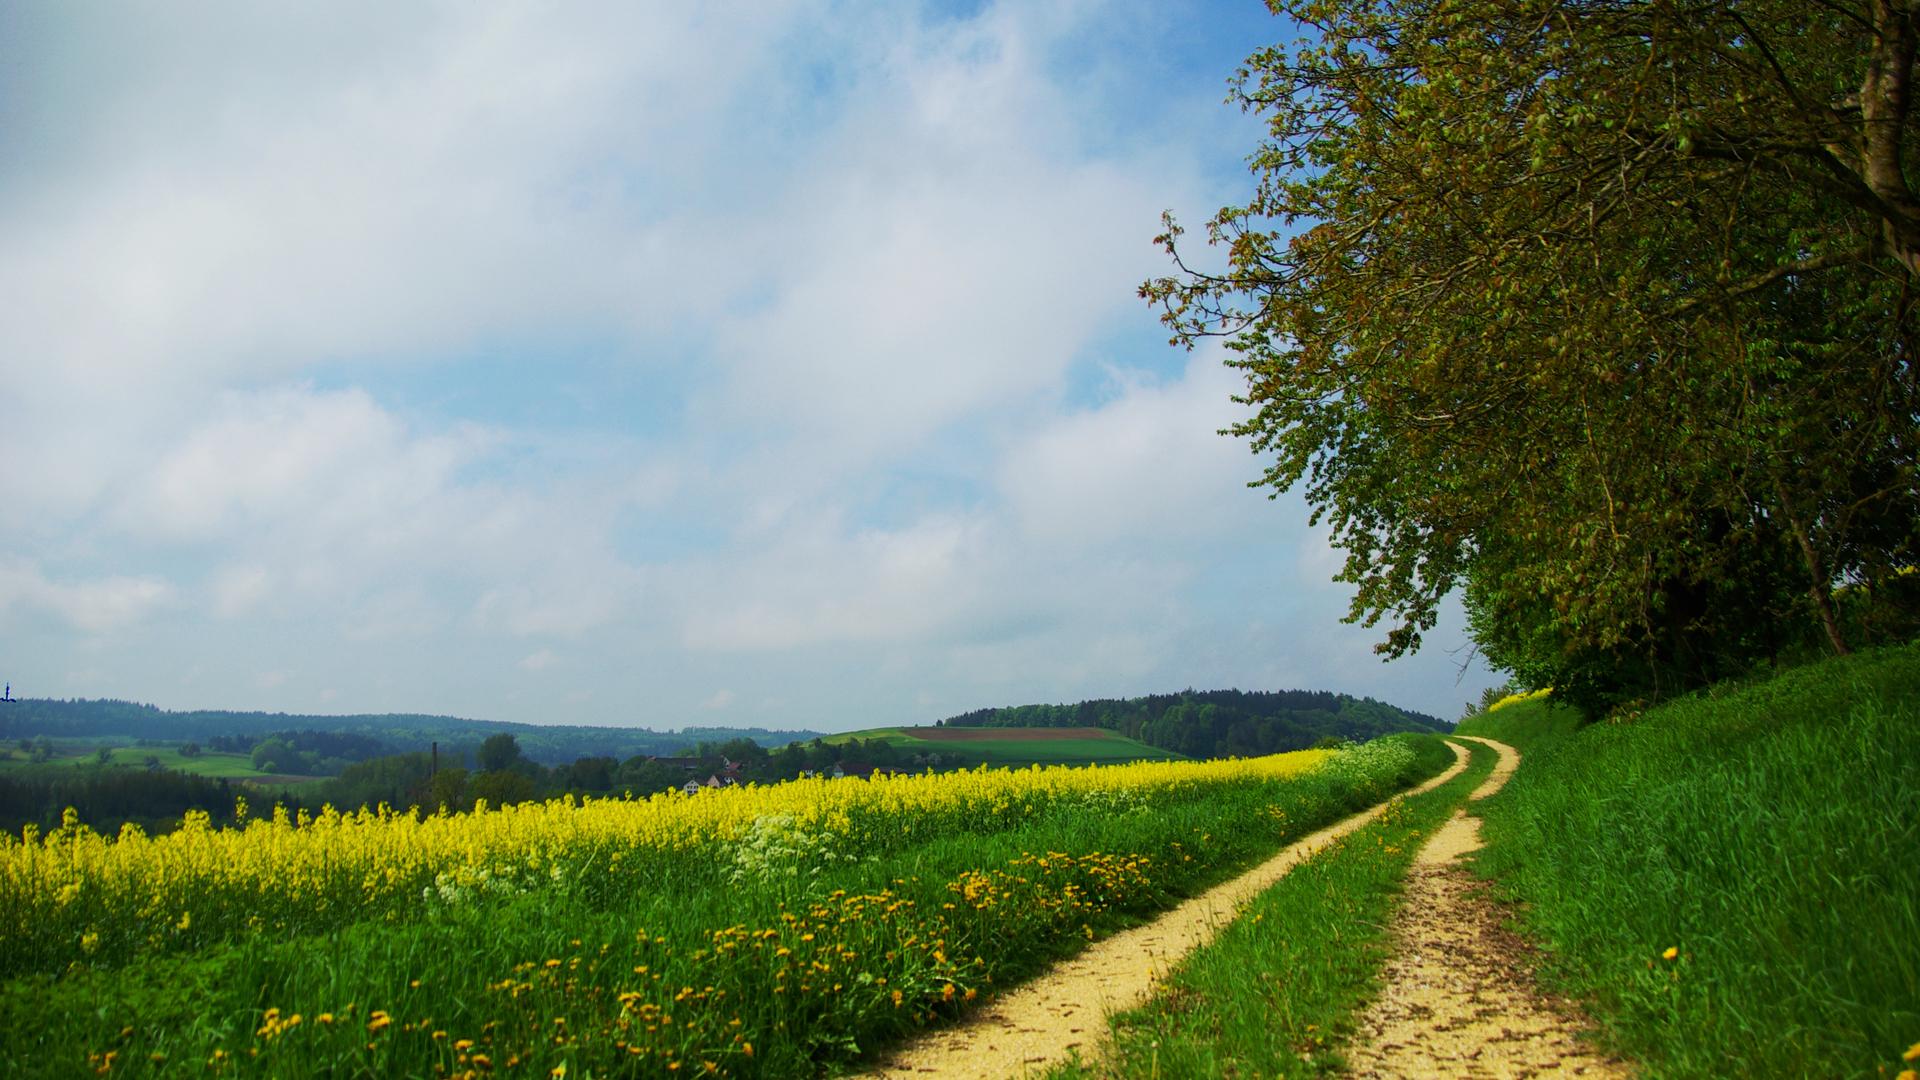 Дорога через зеленое поле  № 2604514 бесплатно